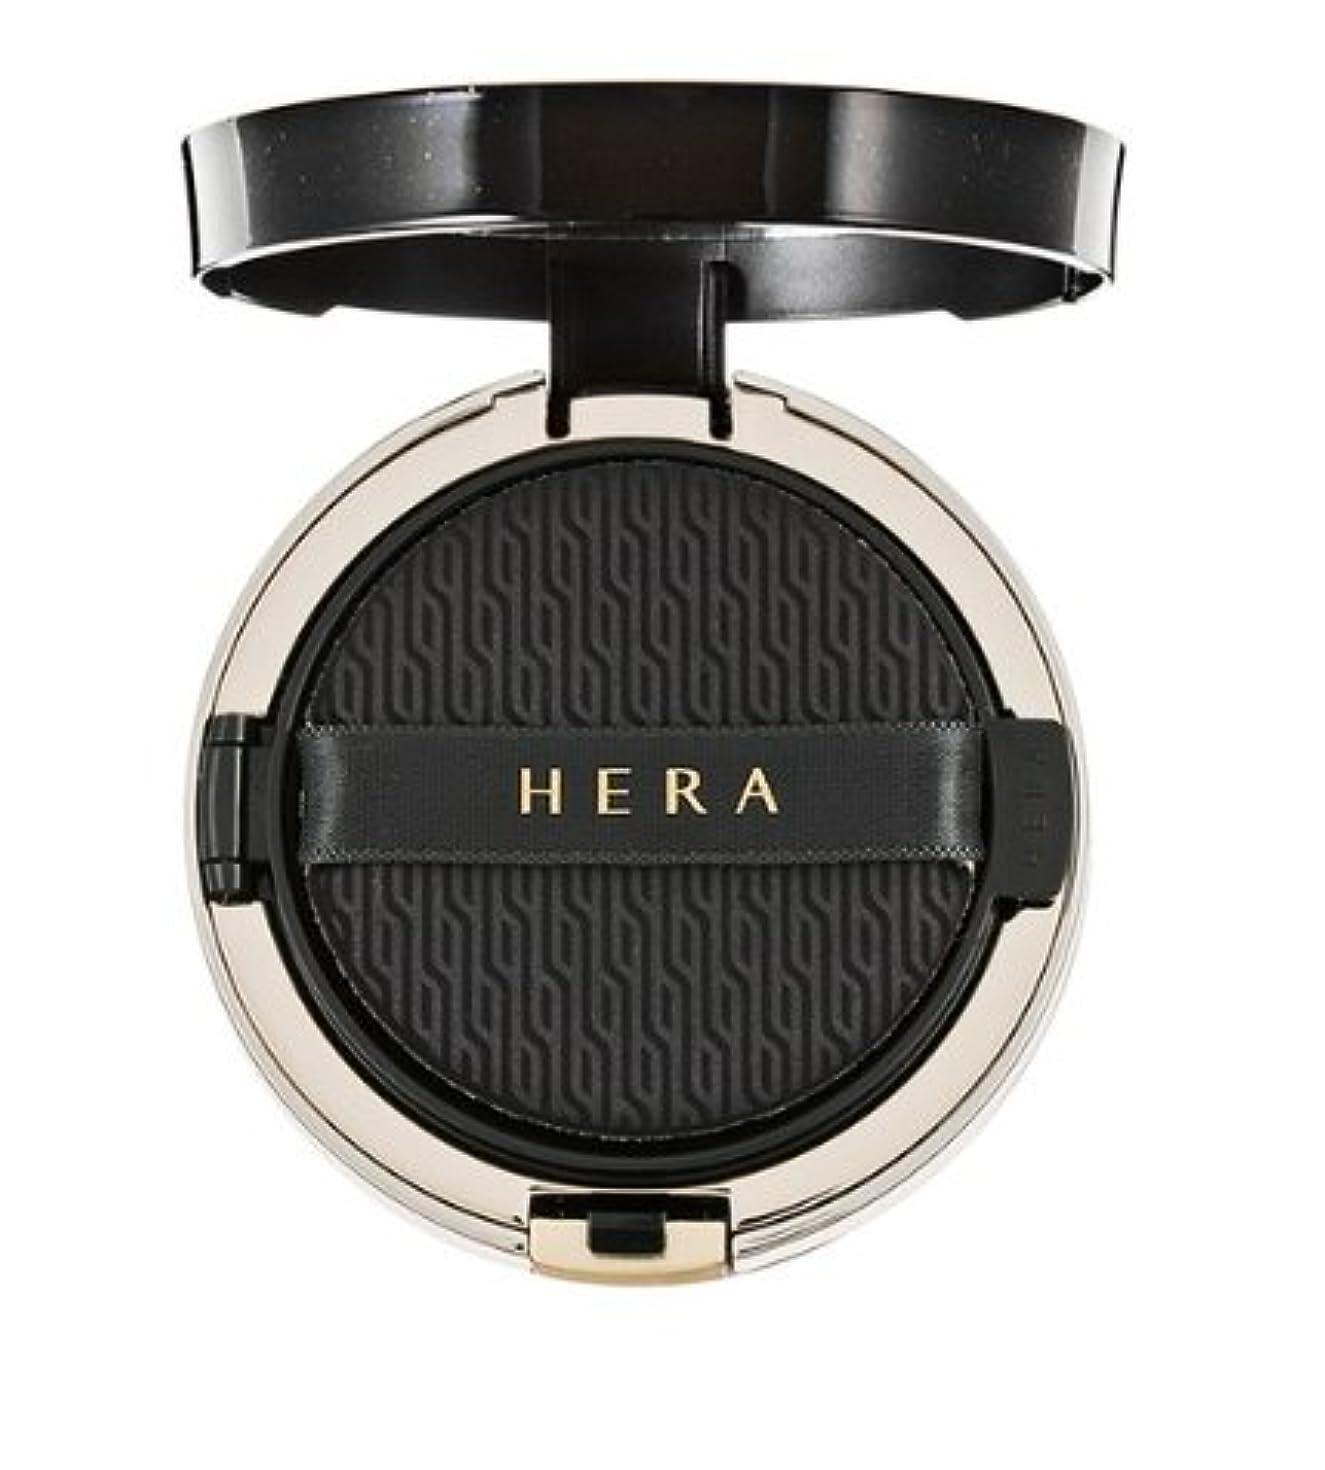 横に戸棚ハミングバード(ヘラ) Hera ブラッククッション SPF34/PA++ 本品15g+リフィール15g / Black Cushion SPF34/PA++ 15g+Refil15g (No.21 banila) (韓国直発送) shumaman